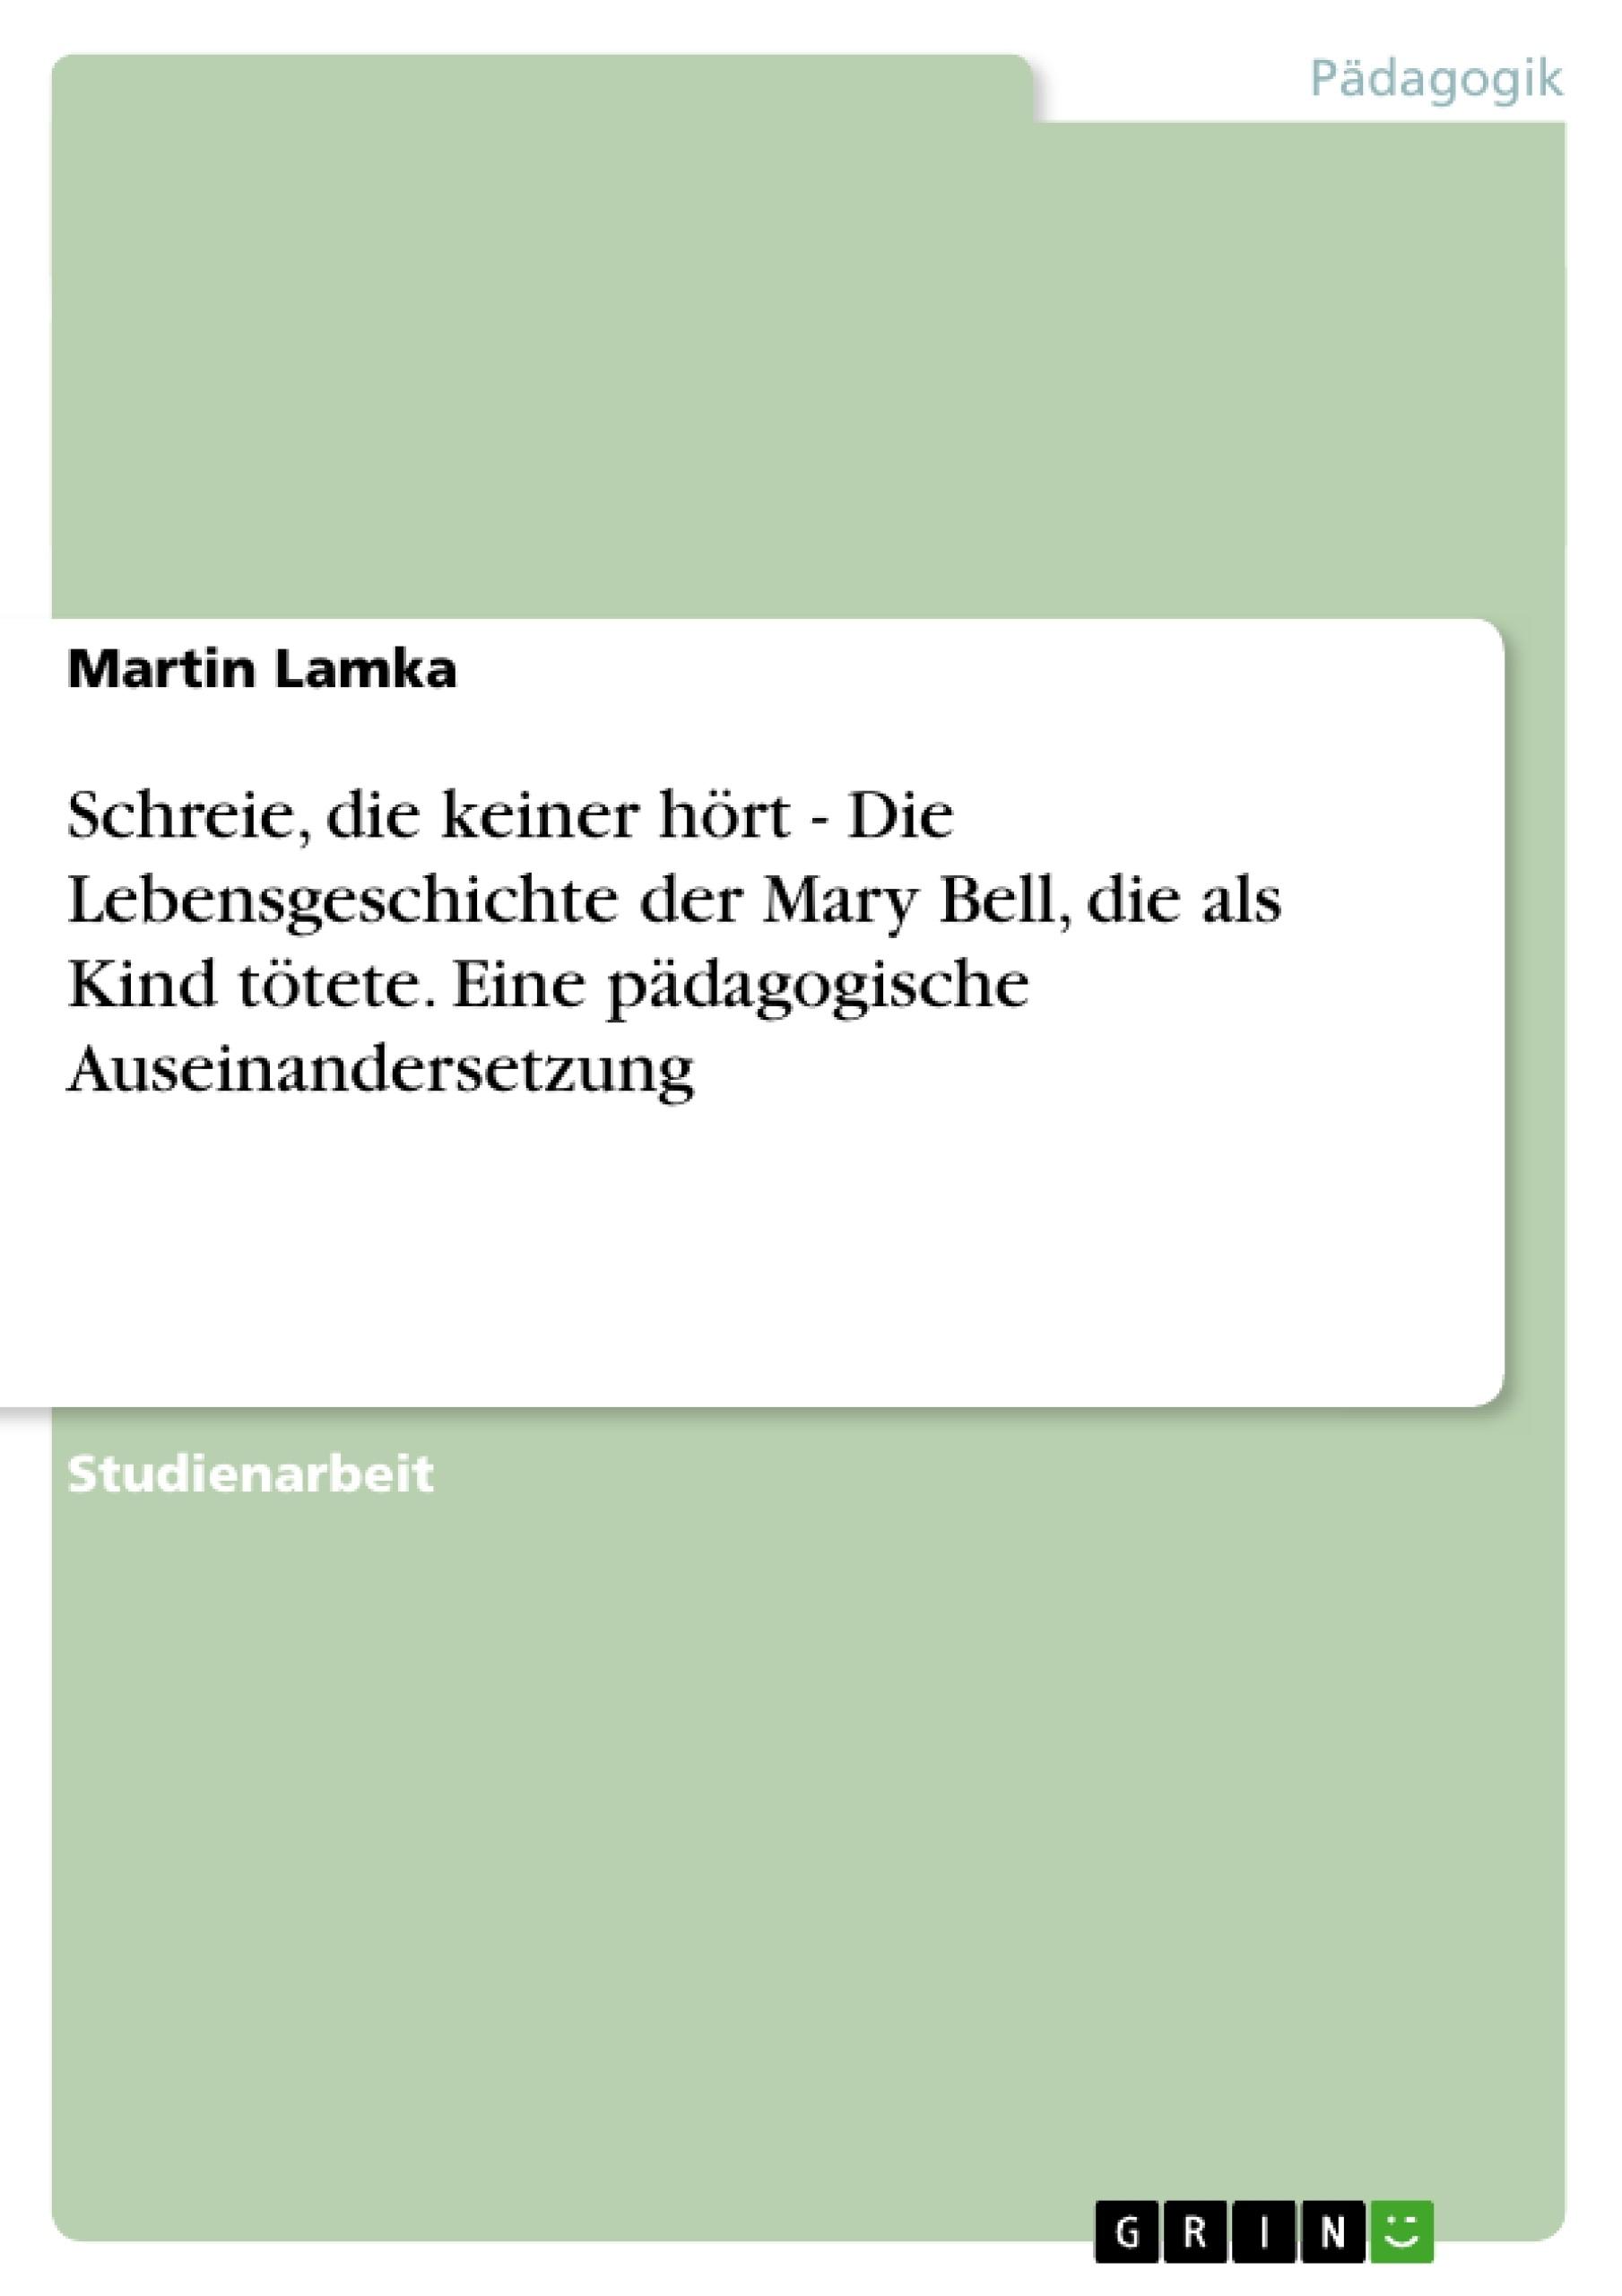 Titel: Schreie, die keiner hört - Die Lebensgeschichte der Mary Bell, die als Kind tötete. Eine pädagogische Auseinandersetzung